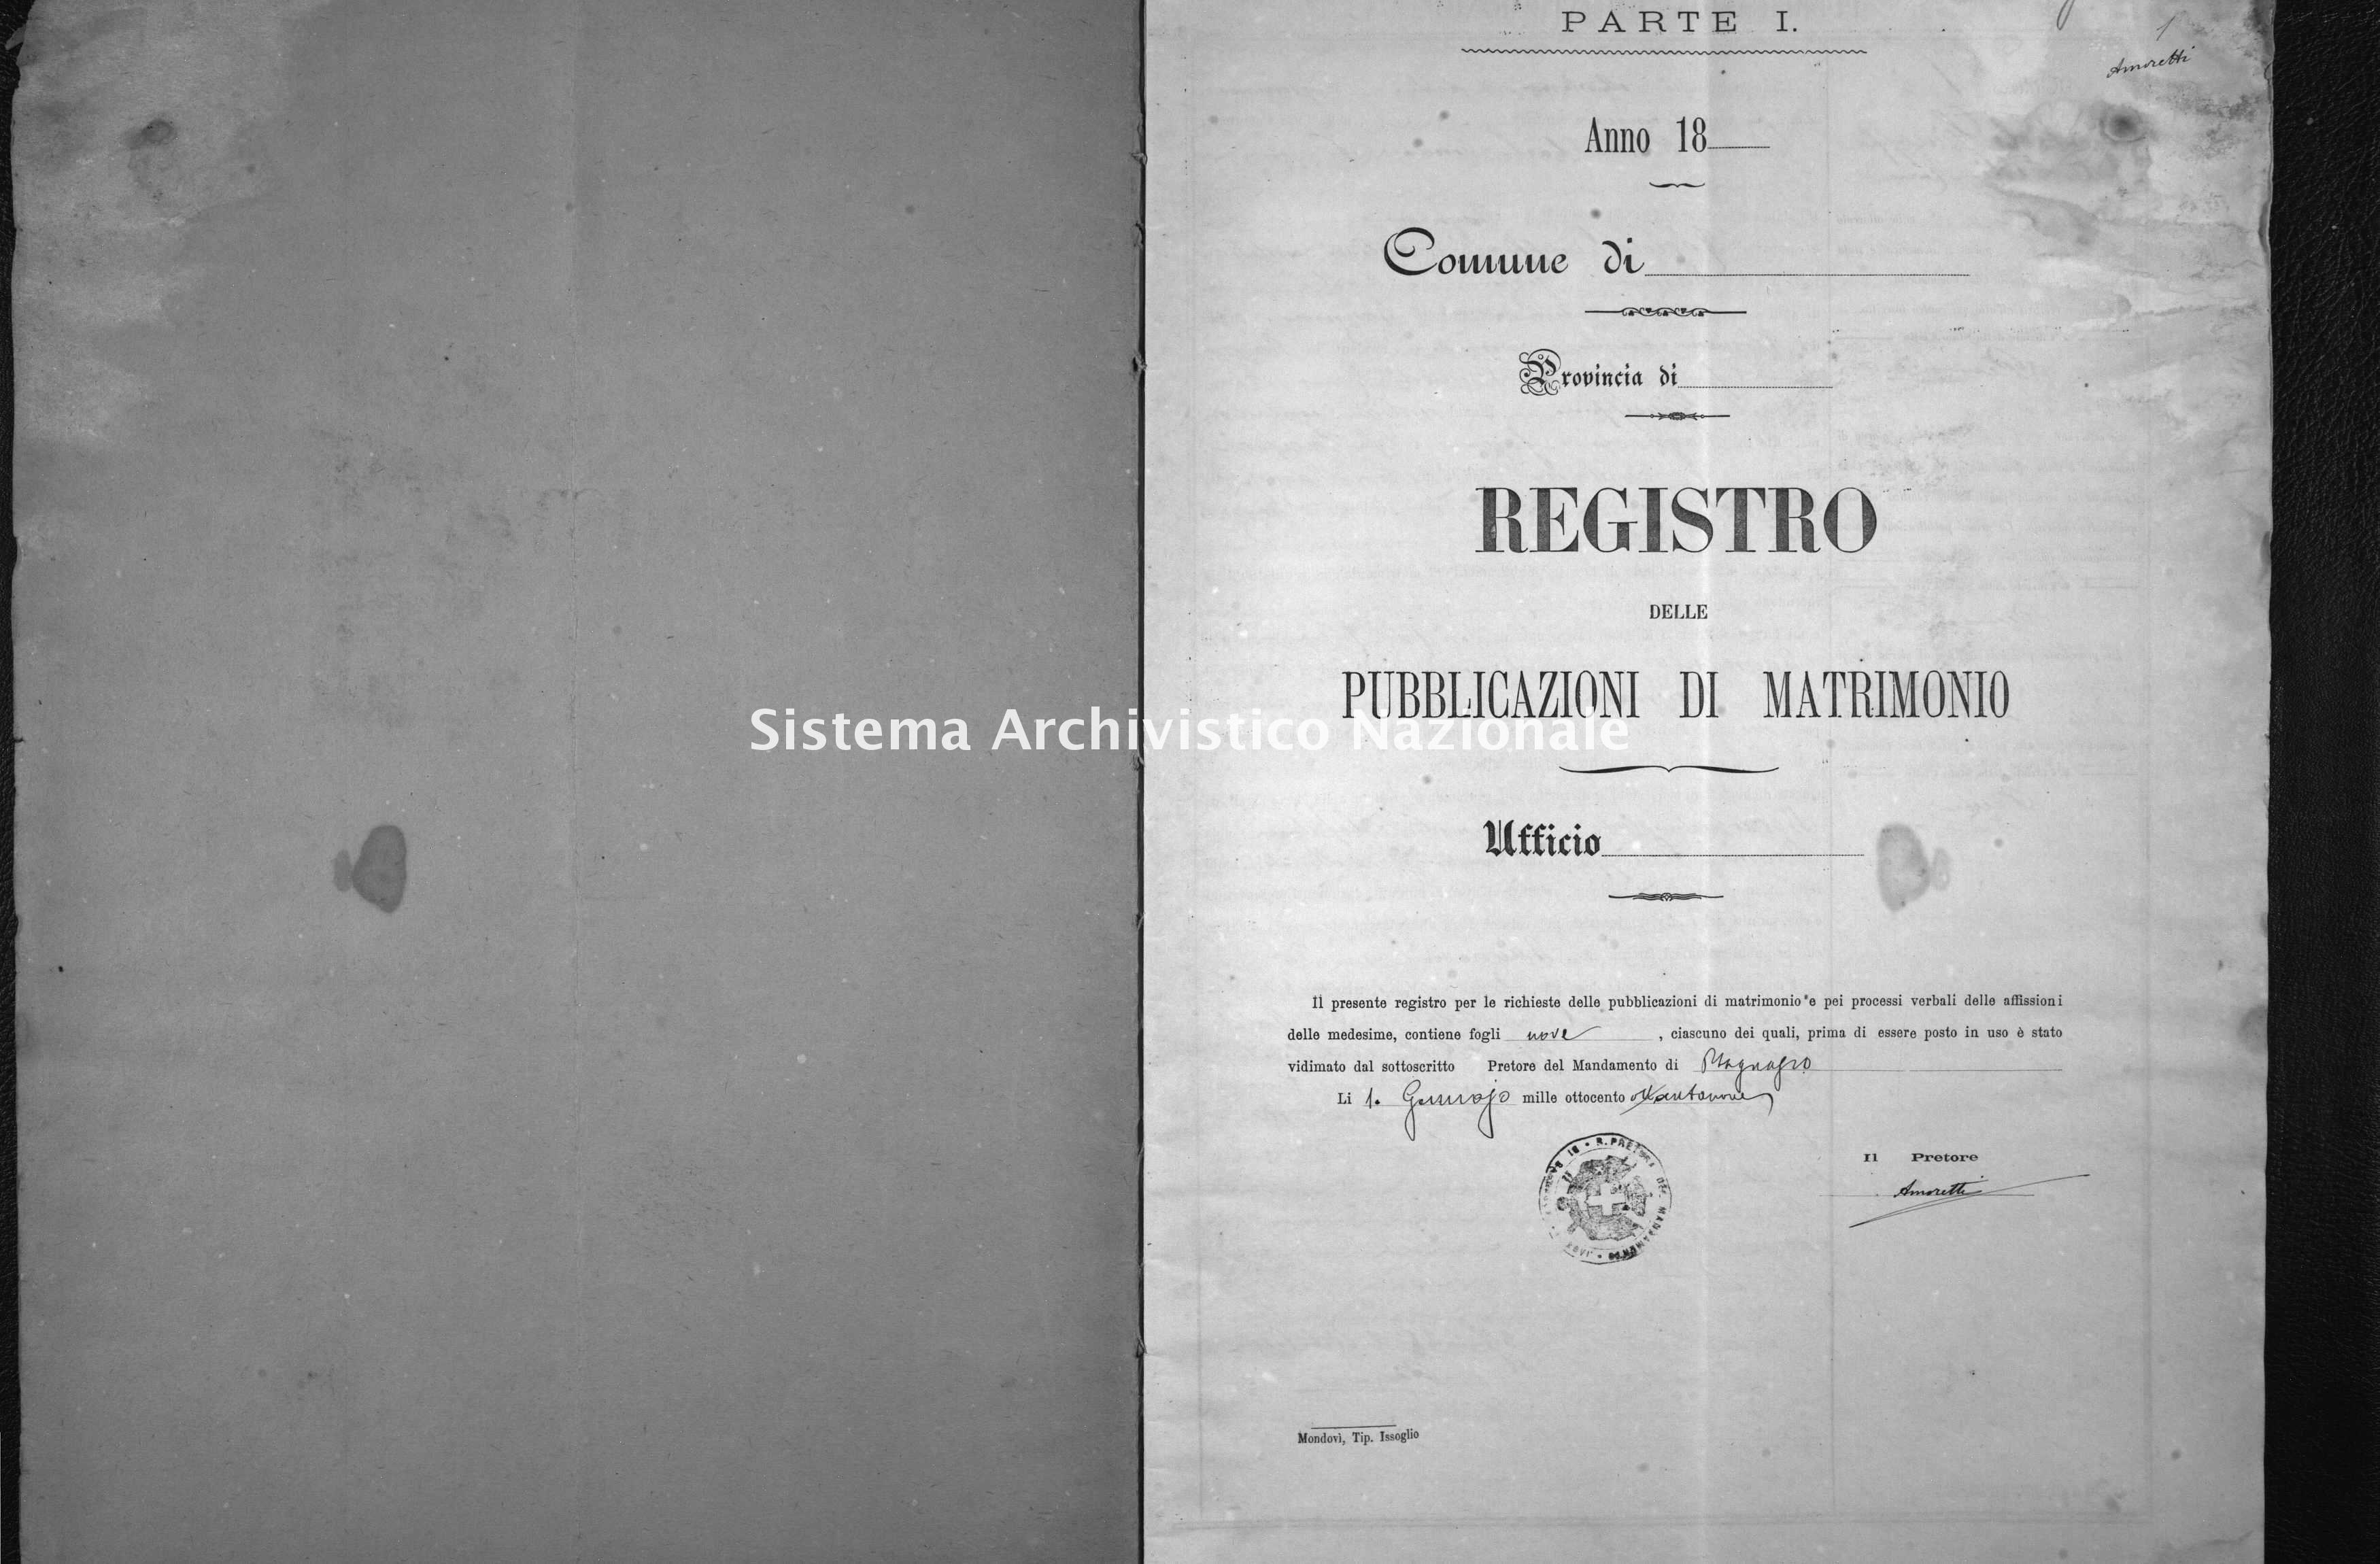 Archivio di stato di Cuneo - Stato civile italiano - Bagnasco - Matrimoni, pubblicazioni - 1889 -